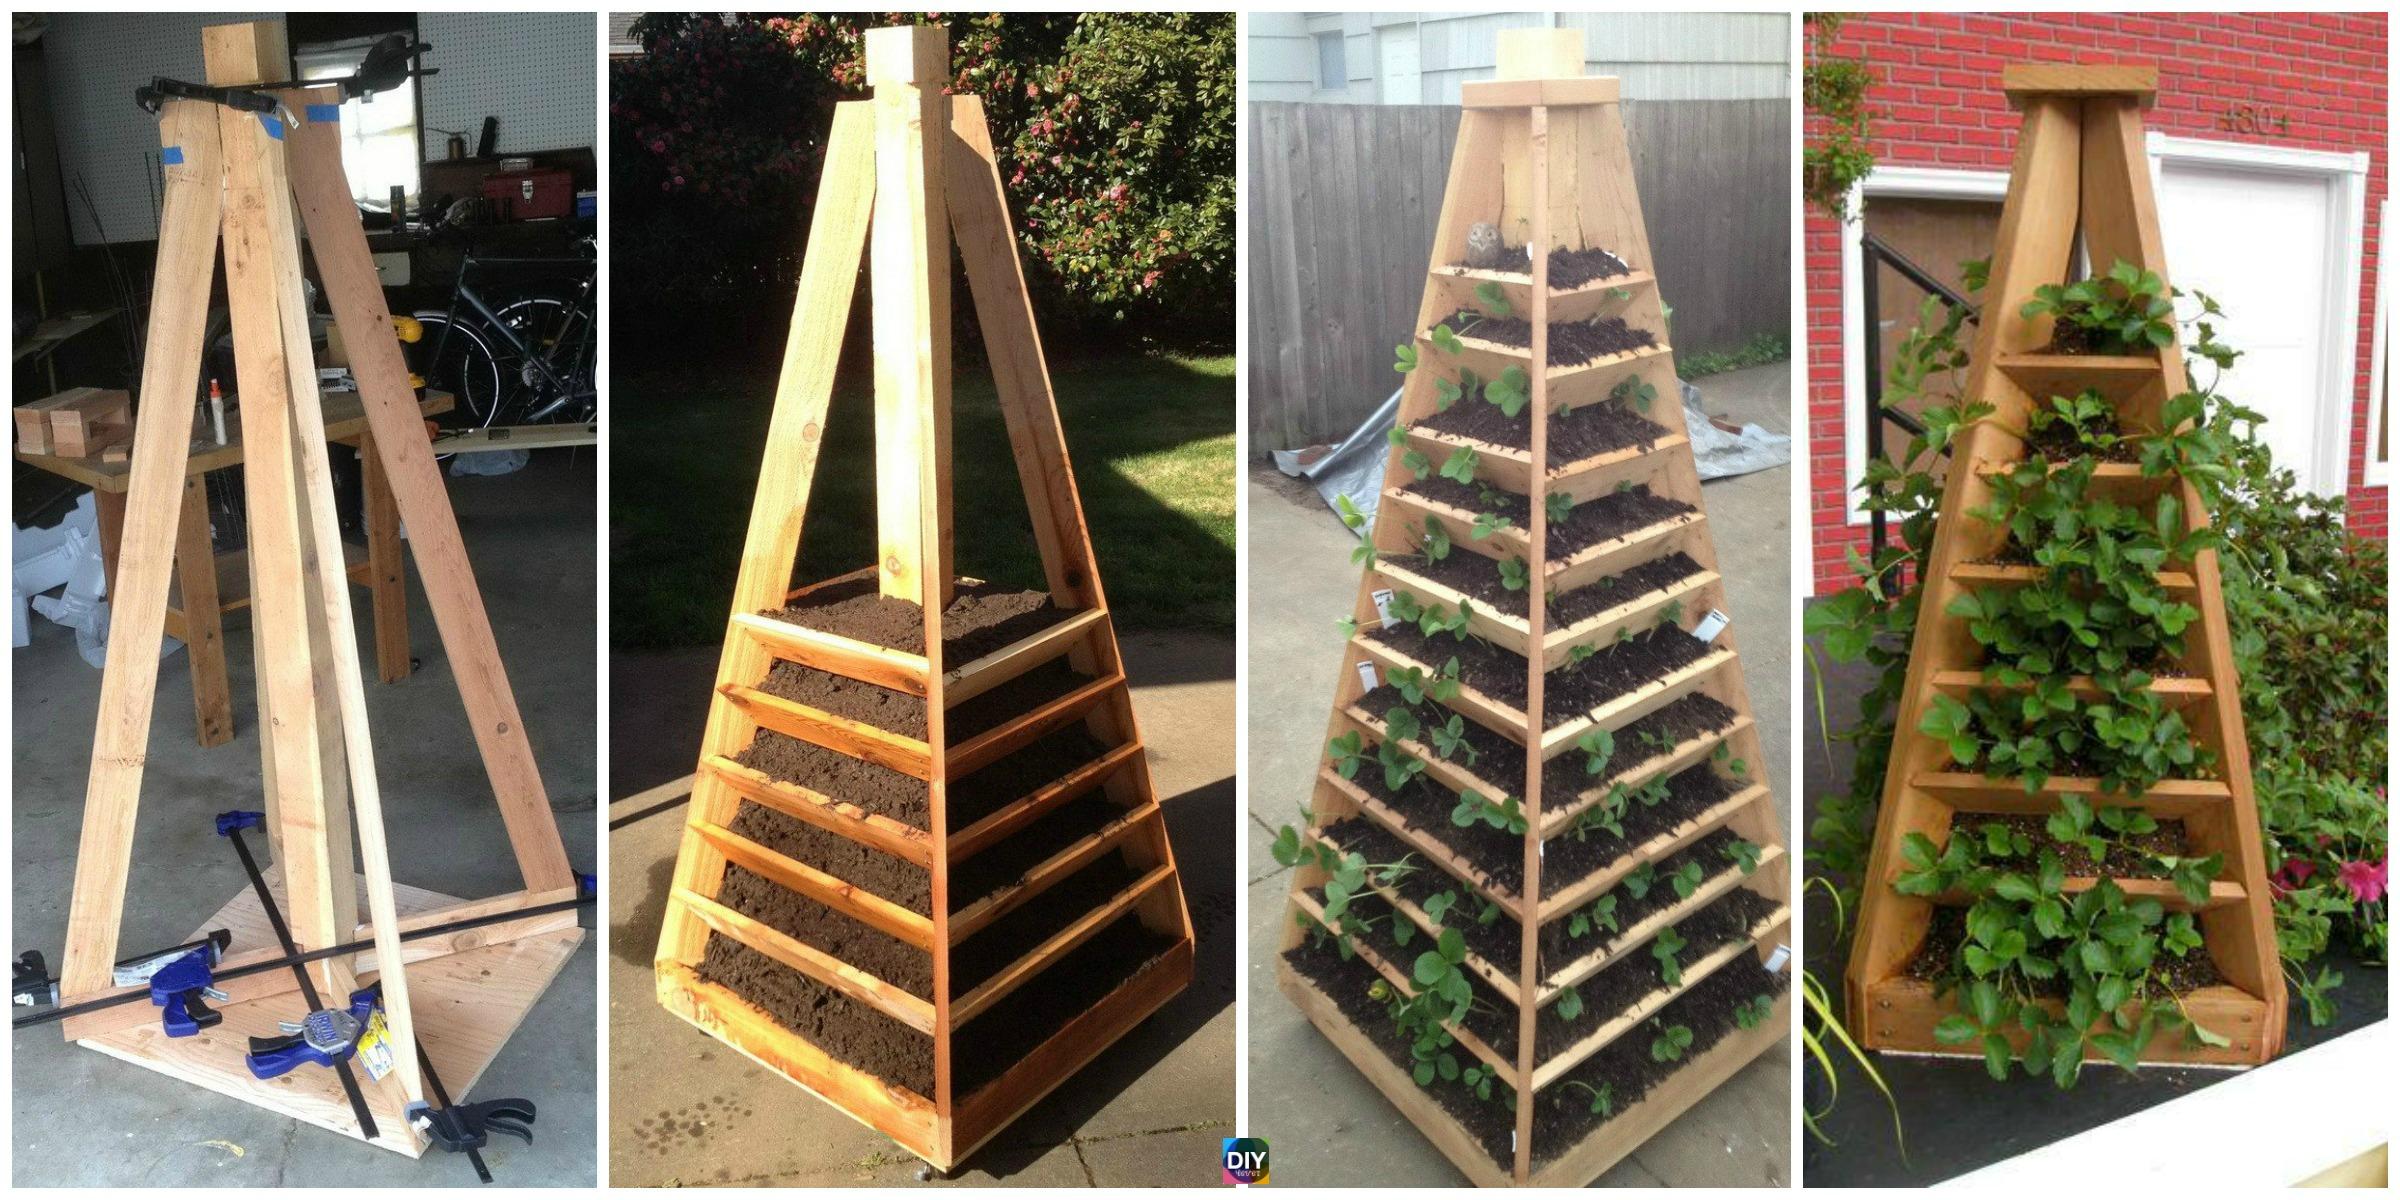 How to DIY Vertical Garden Pyramid Tower - DIY 4 EVER